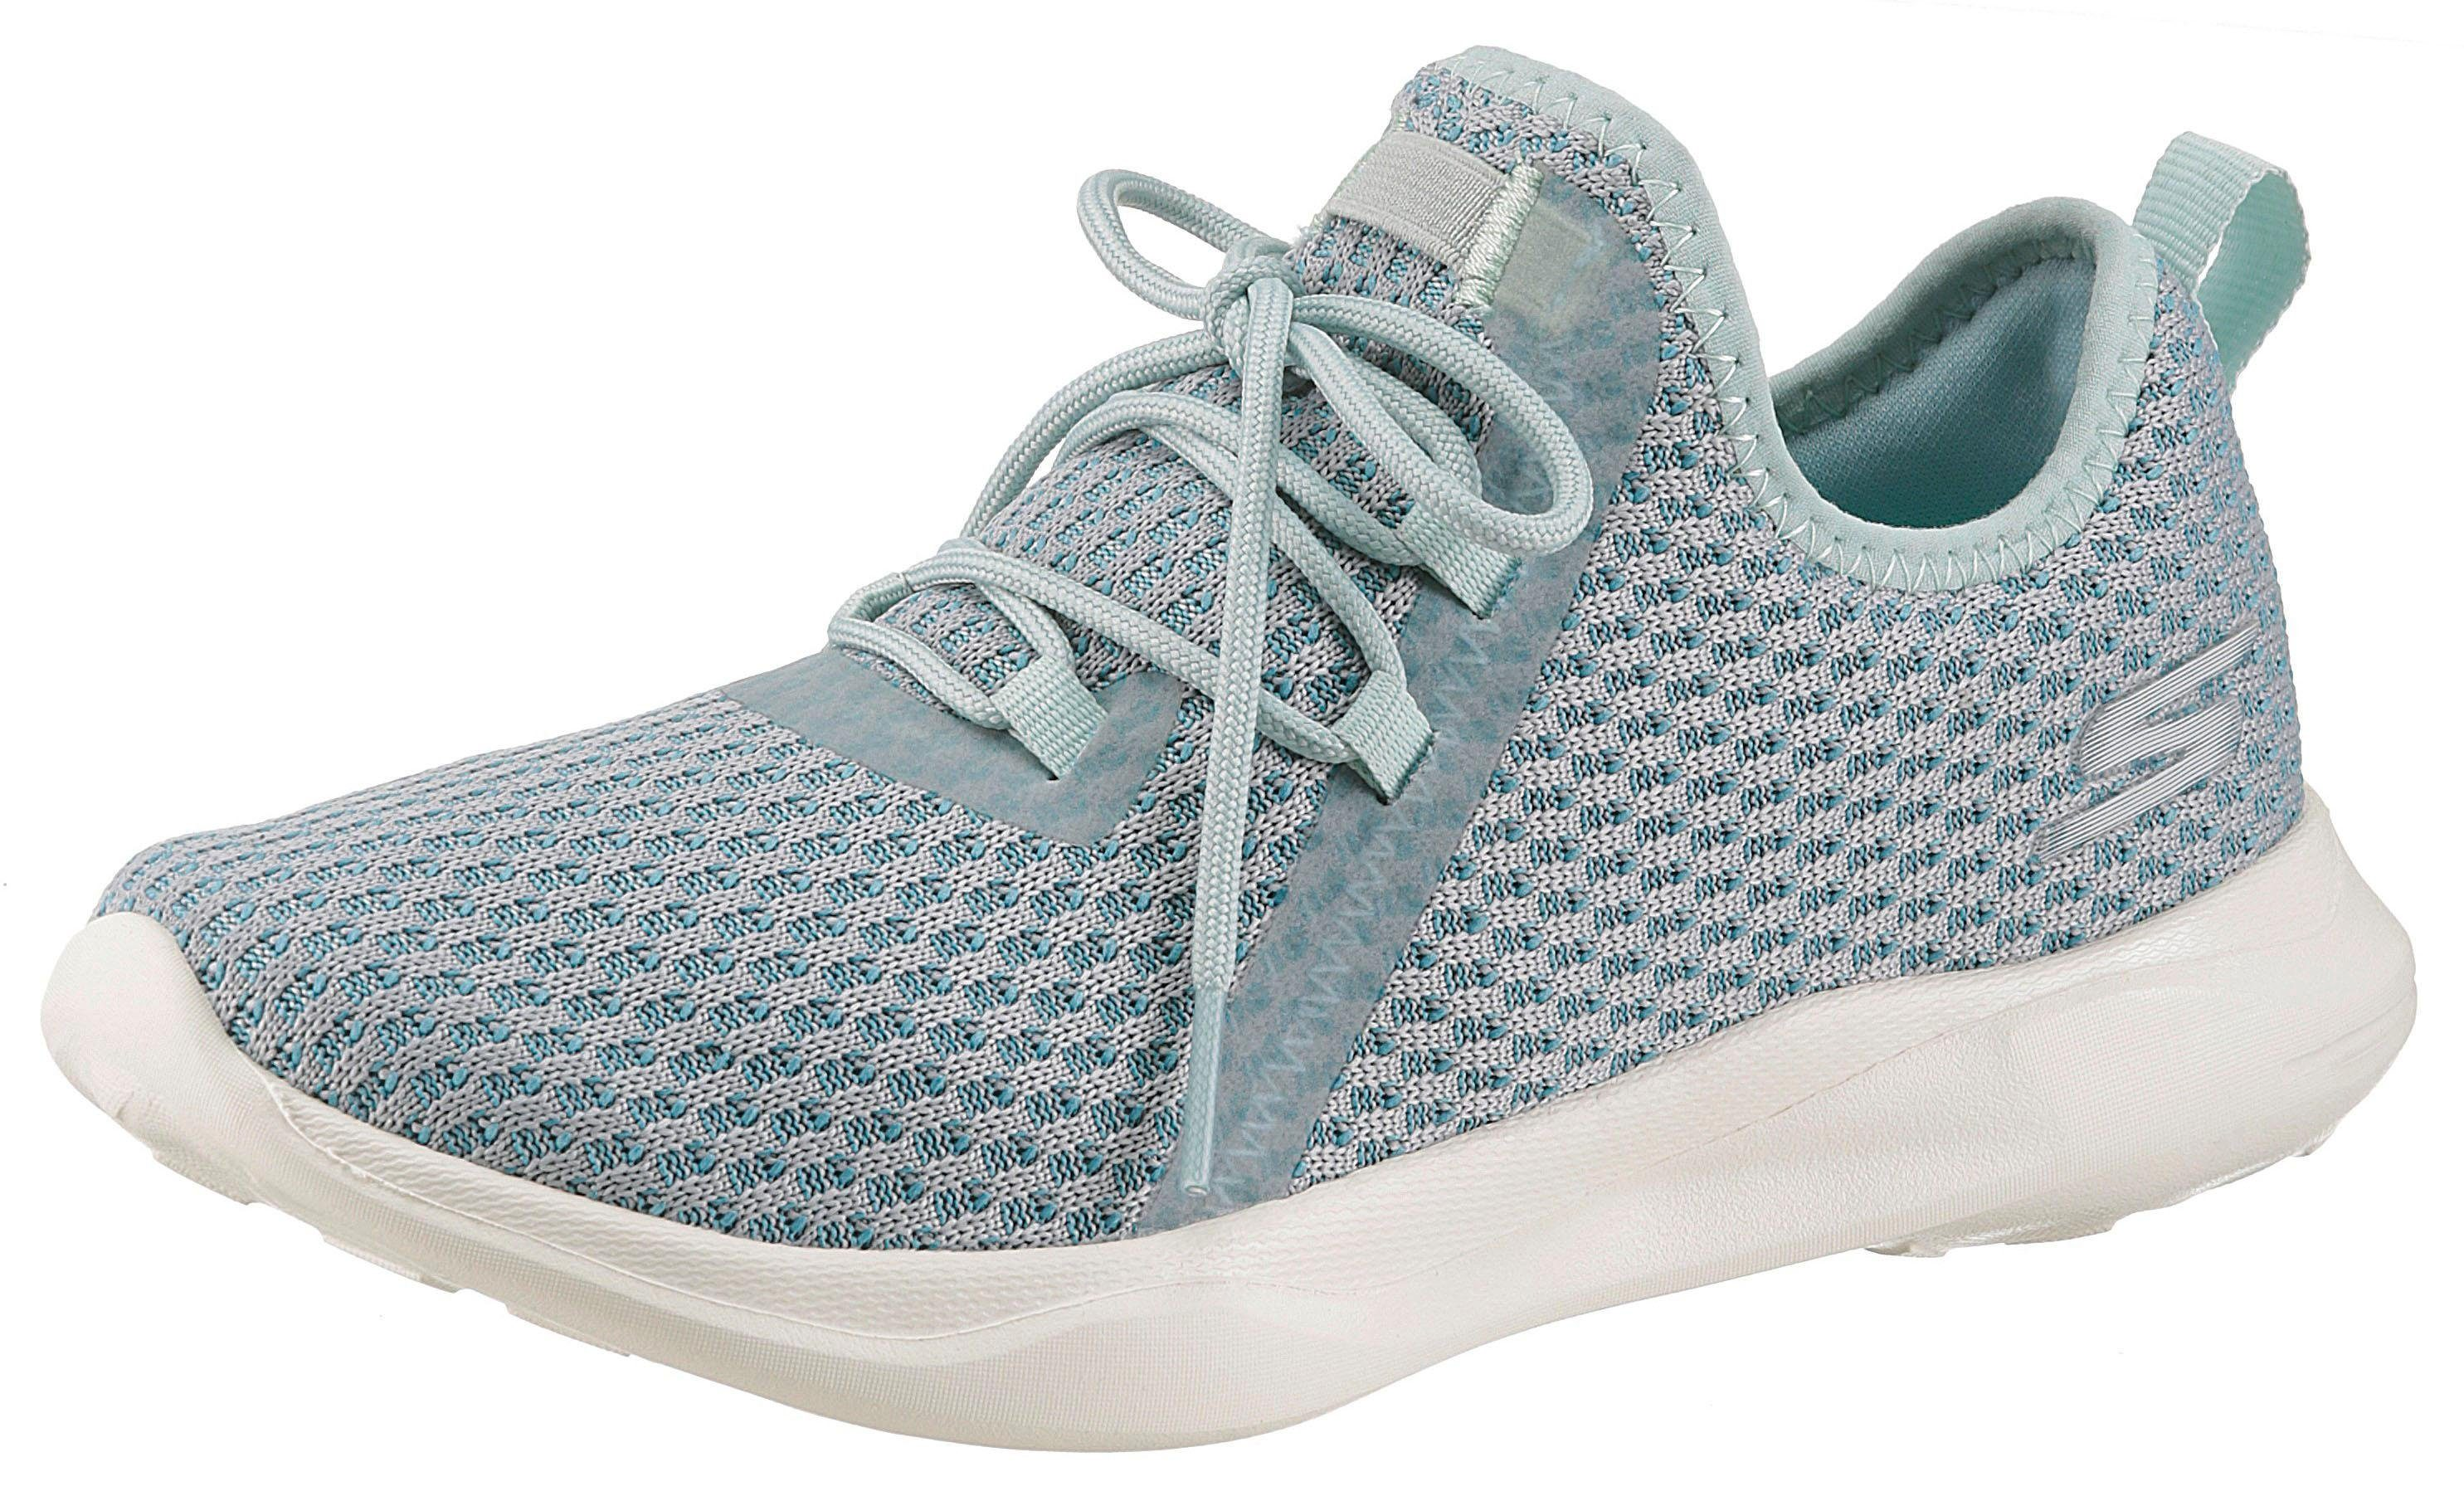 SKECHERS PERFORMANCE »Serene« Slip-On Sneaker mit aufgesetzter Schnürung